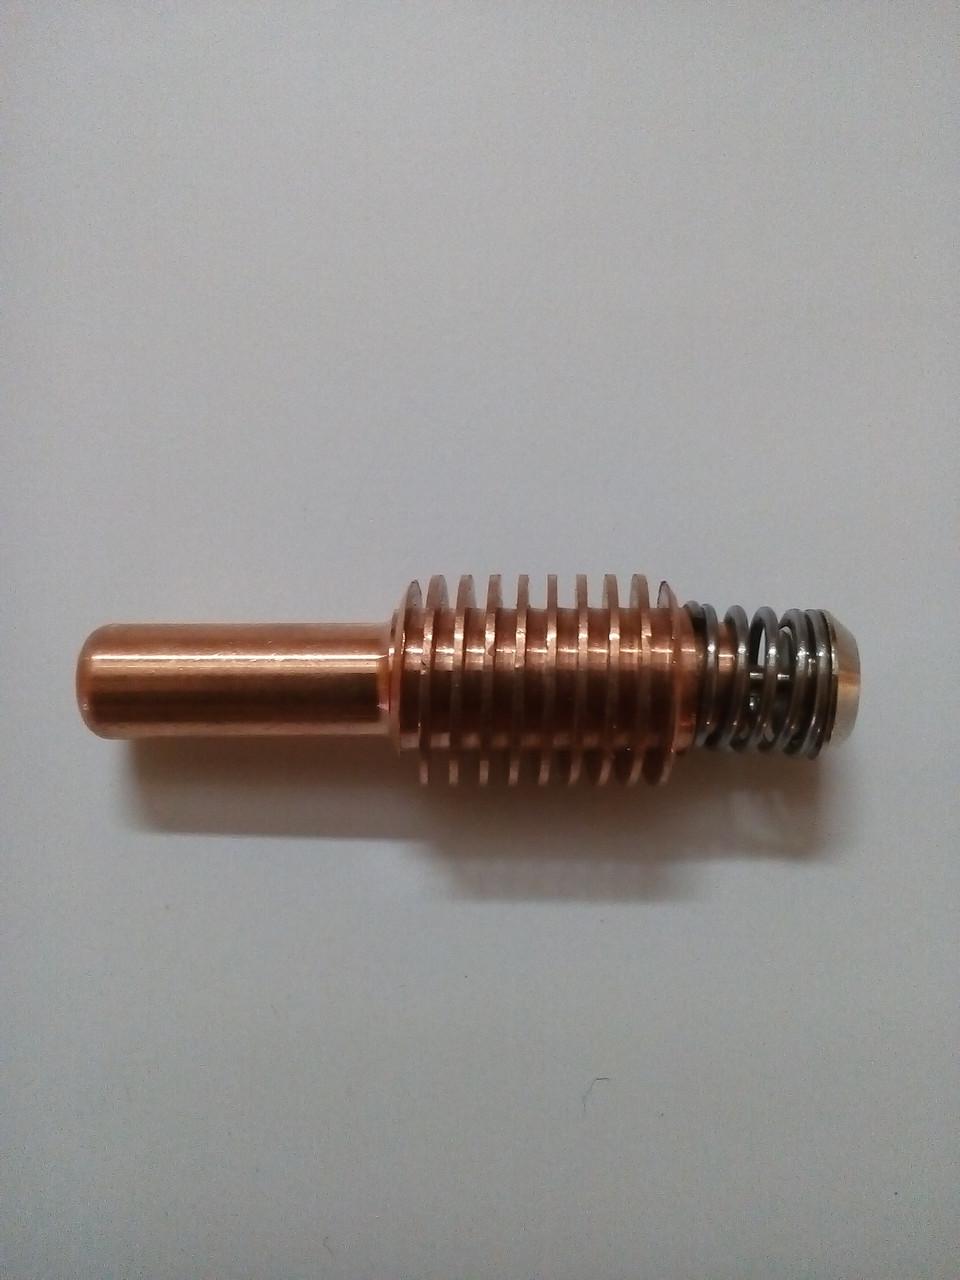 Электрод (катод) 220842 Hangepeijian плазменный Hypertherm Powermax 45/65/85/105 А